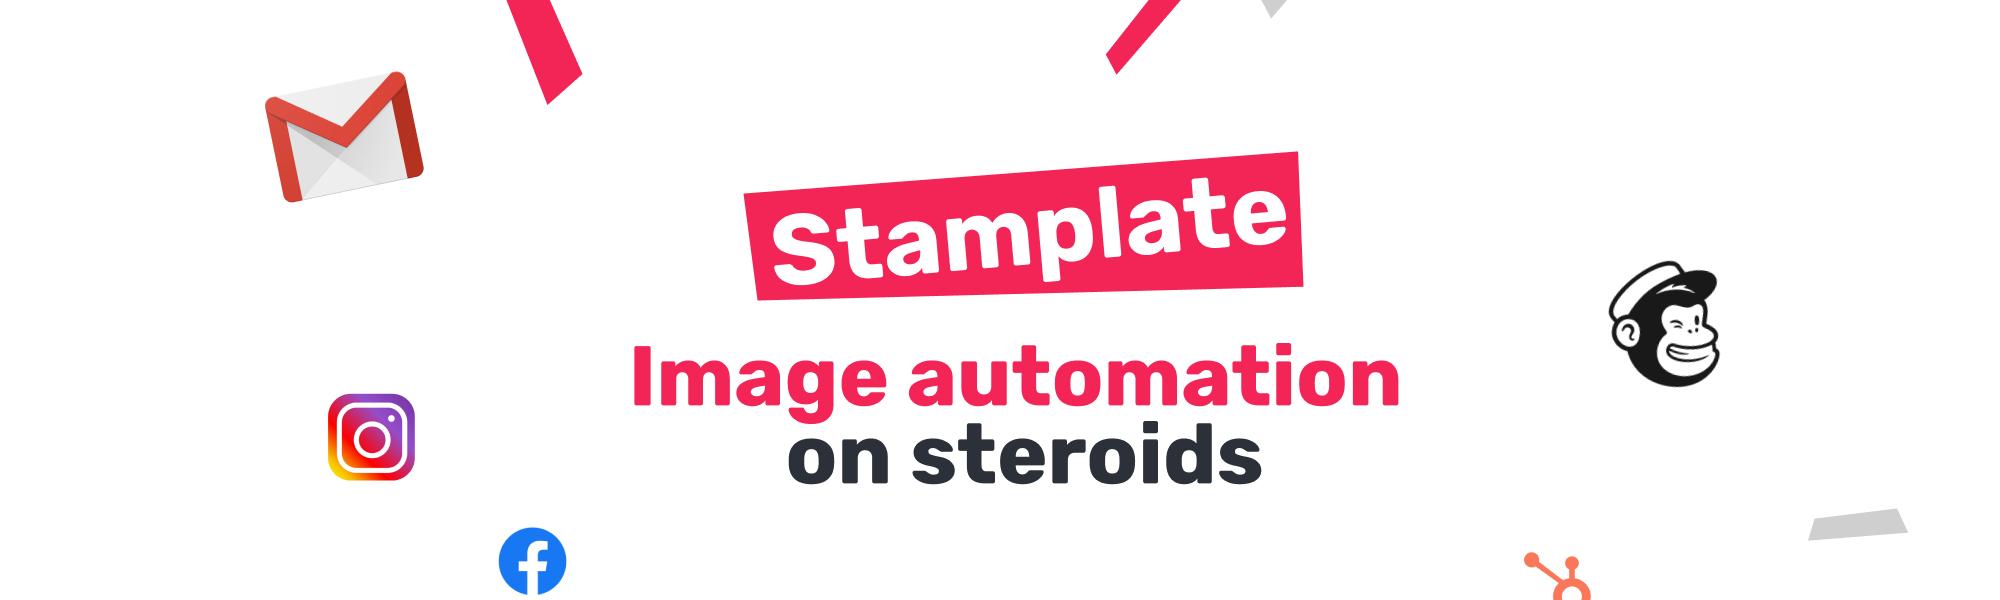 Avis Stamplate : Automatisez la génération d'images personnalisées - appvizer